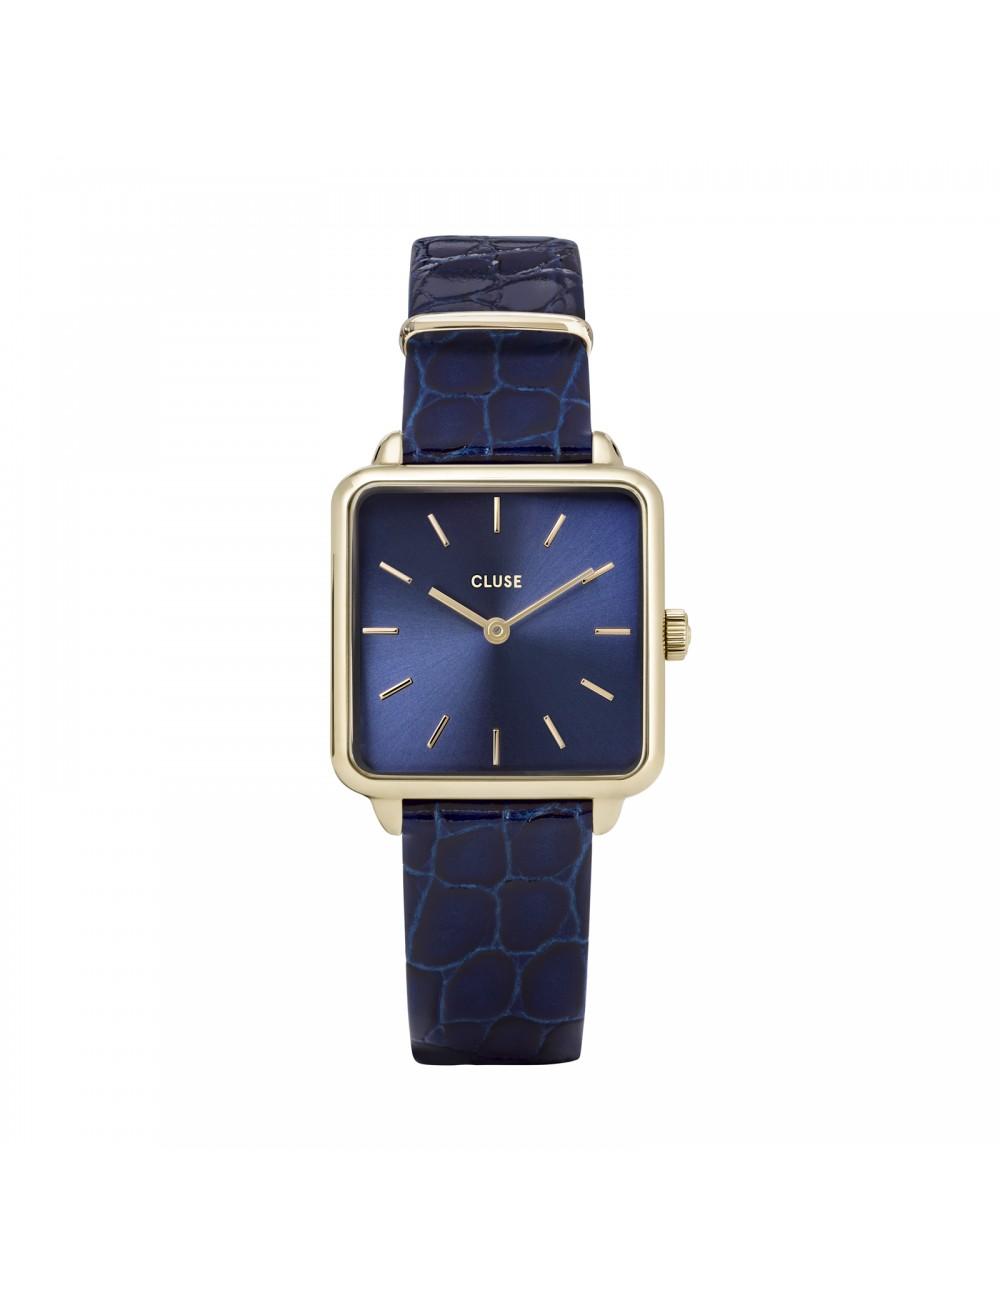 Cluse -Cluse La Tétragone Leather Blue -CW0101207028